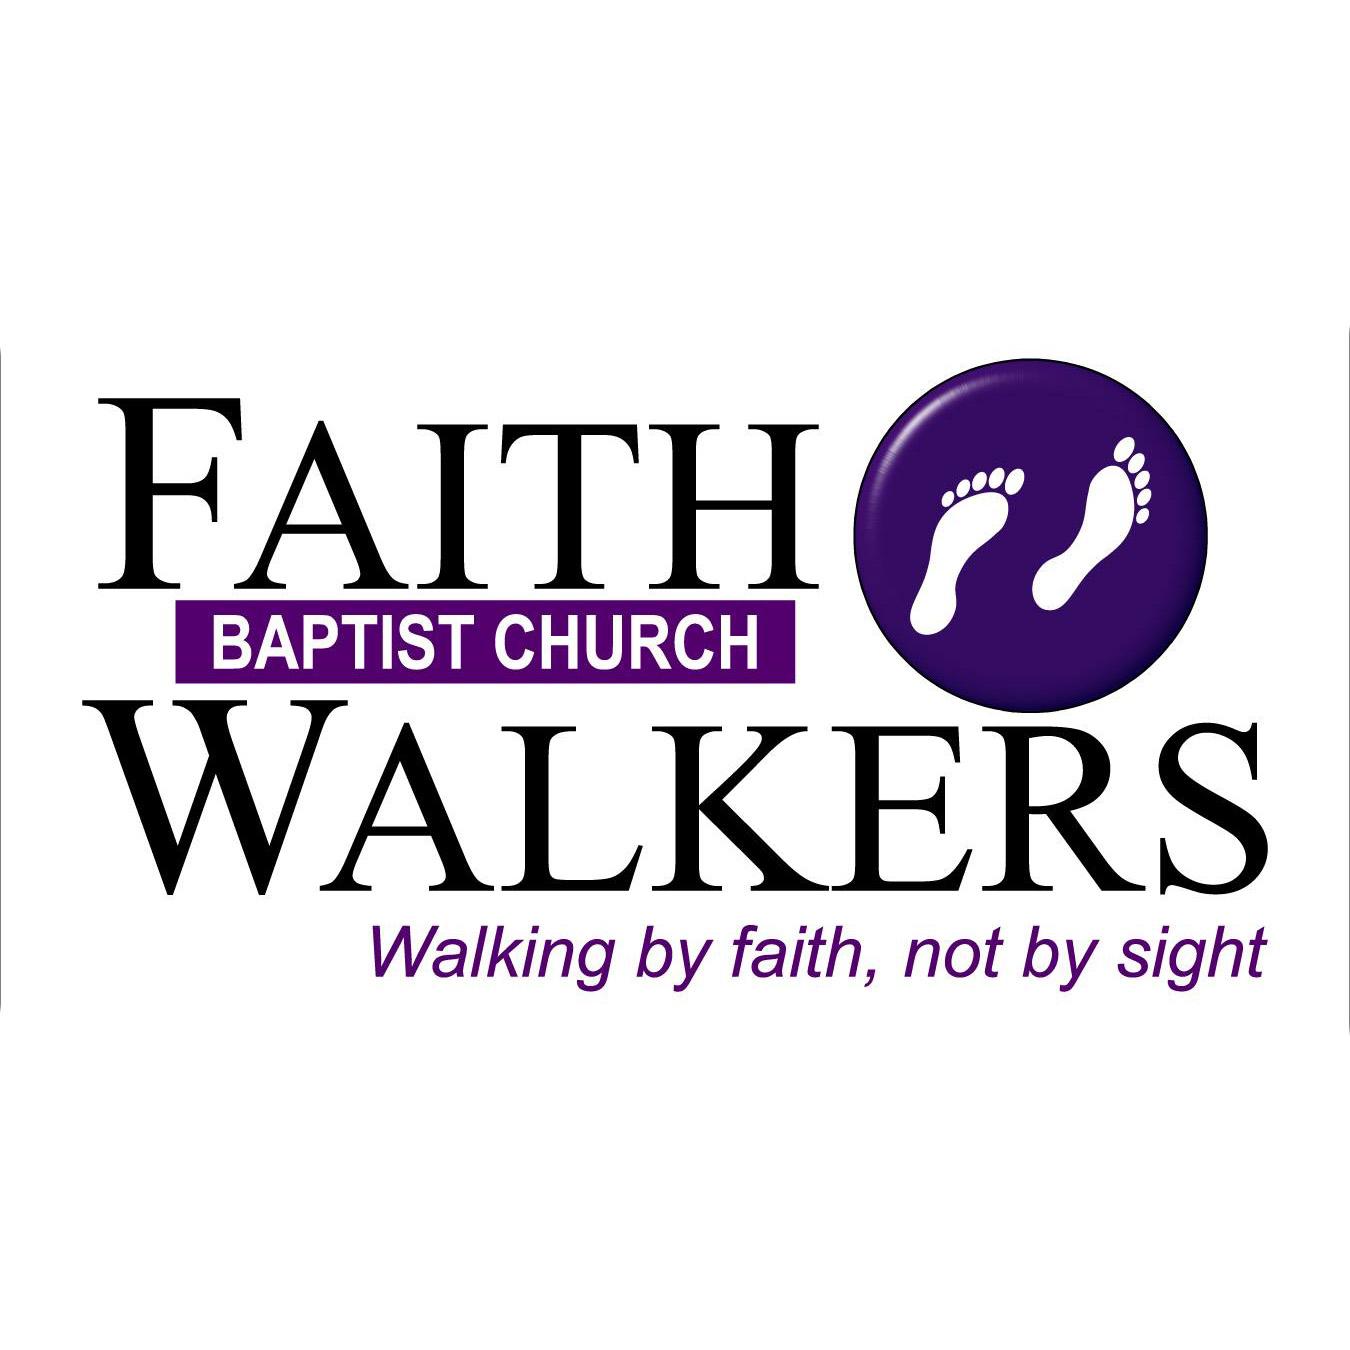 Faith Walkers Baptist Church